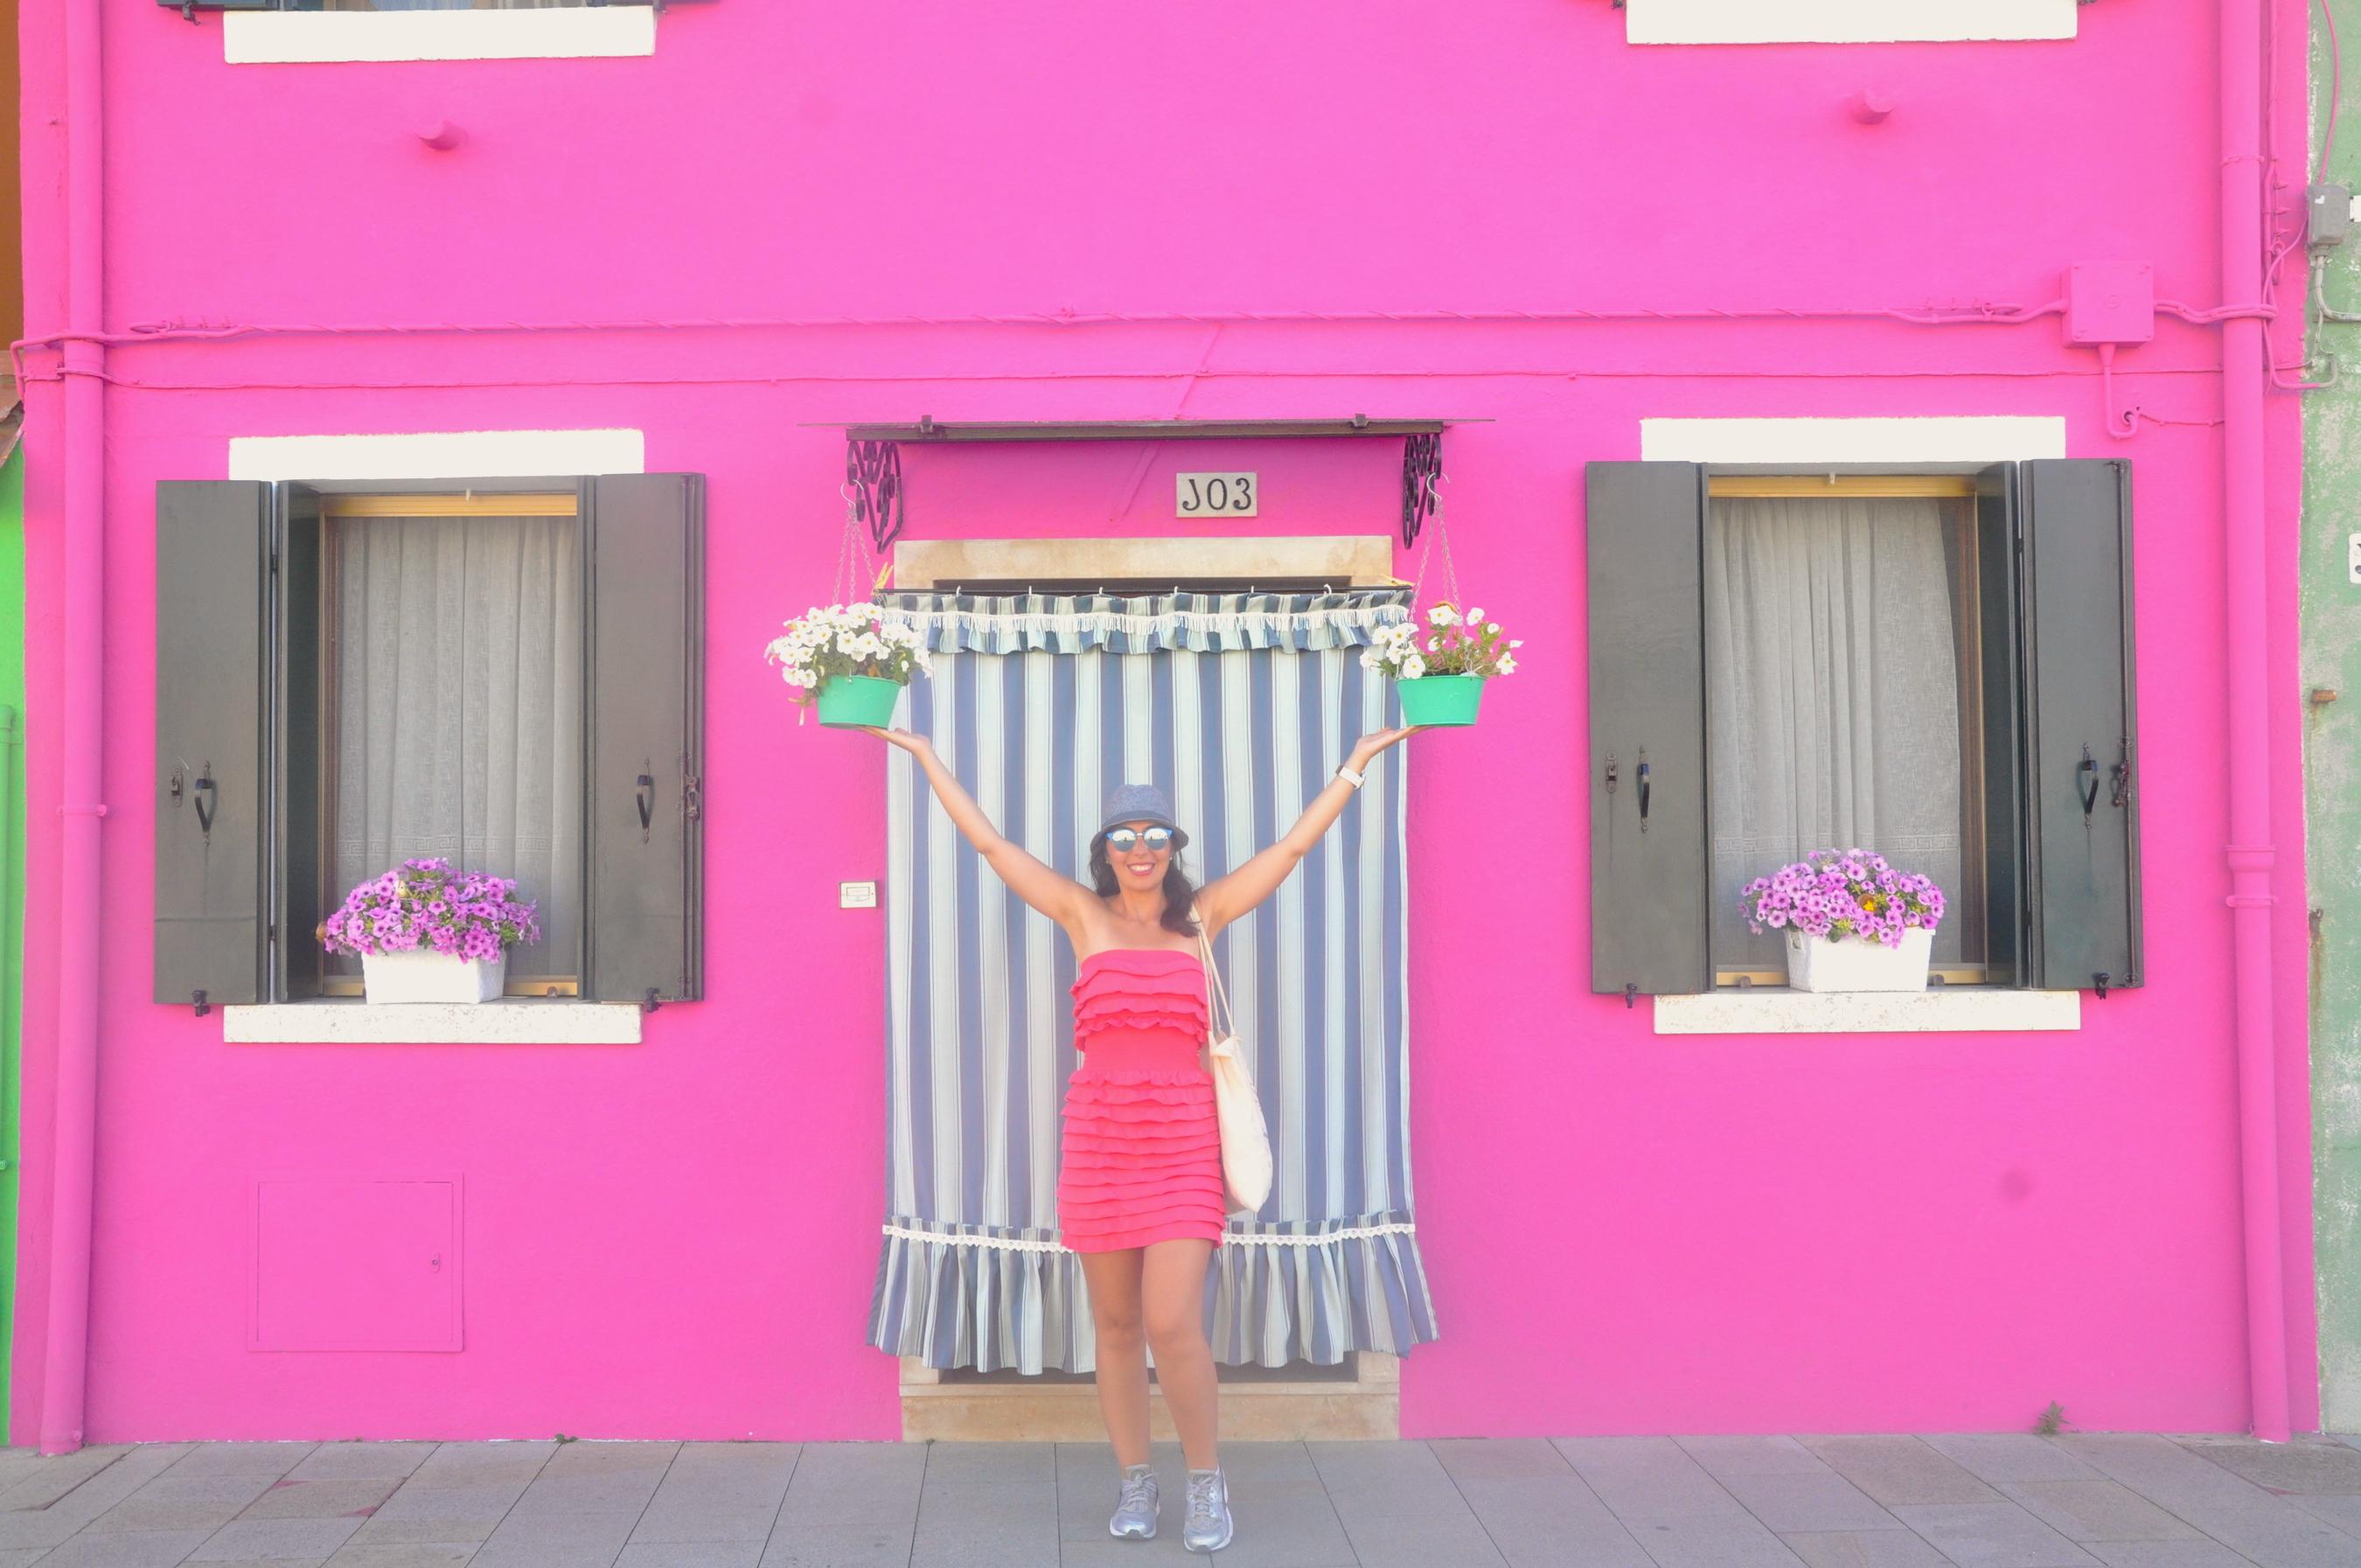 burano adasi renkli evler 1